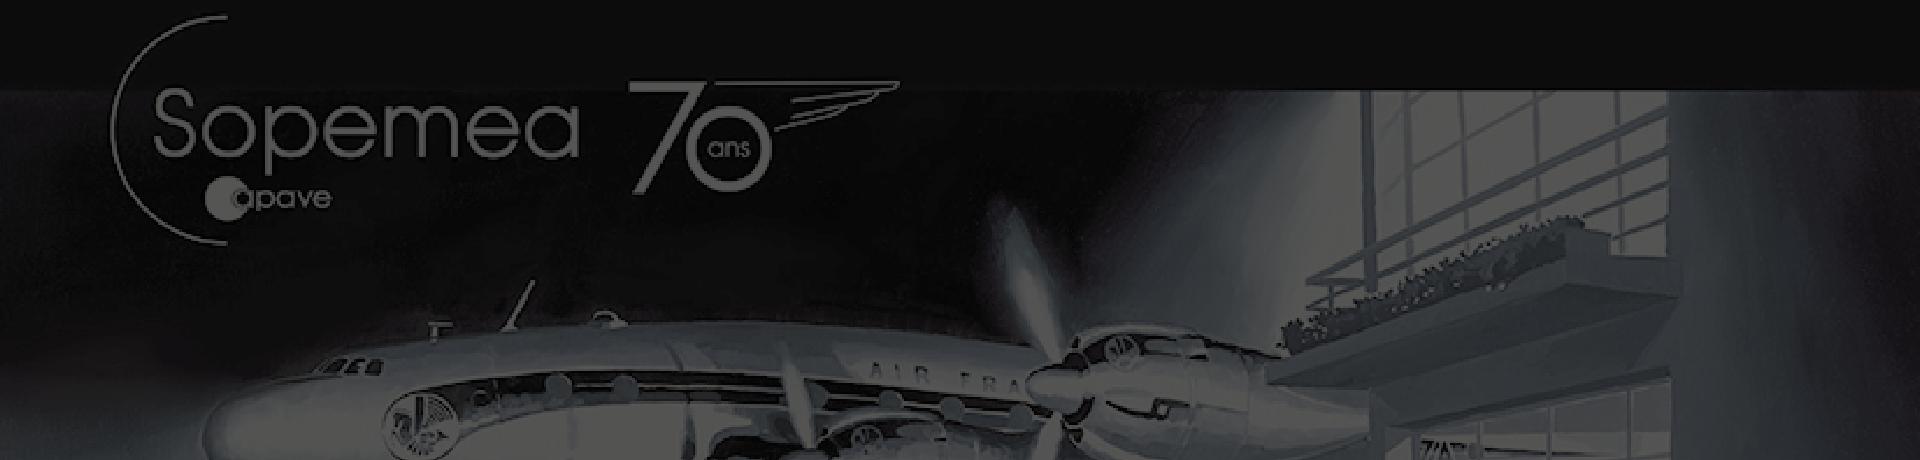 Sopemea 70th anniversary ad